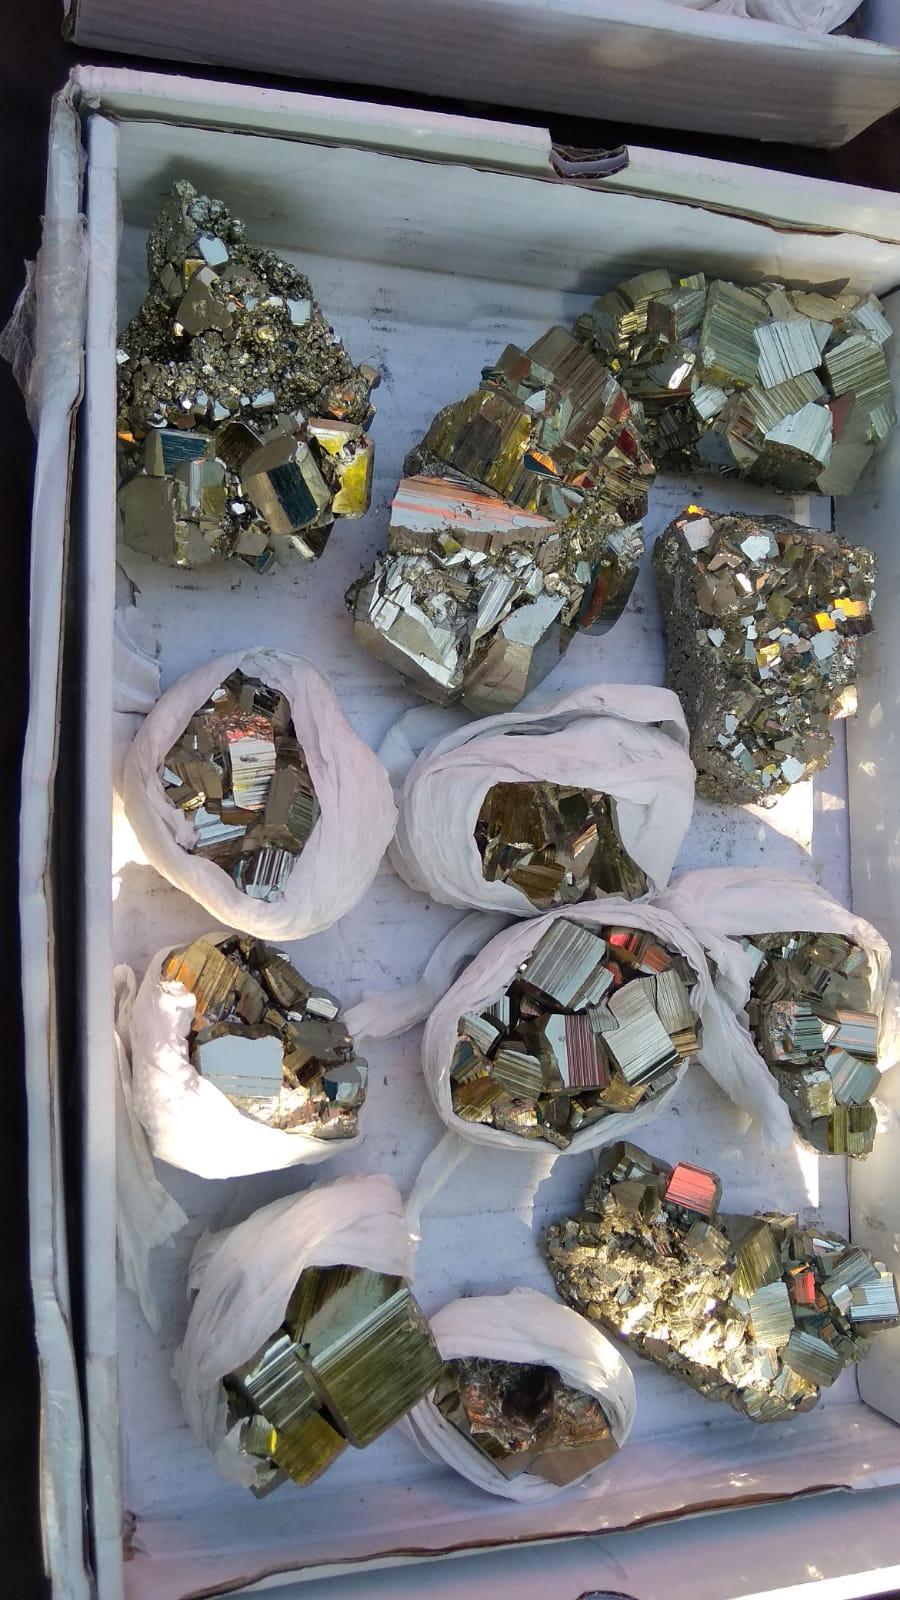 I Feria de minerales intercambio y venta de Cártama (MÁLAGA) - Página 5 Img-2053